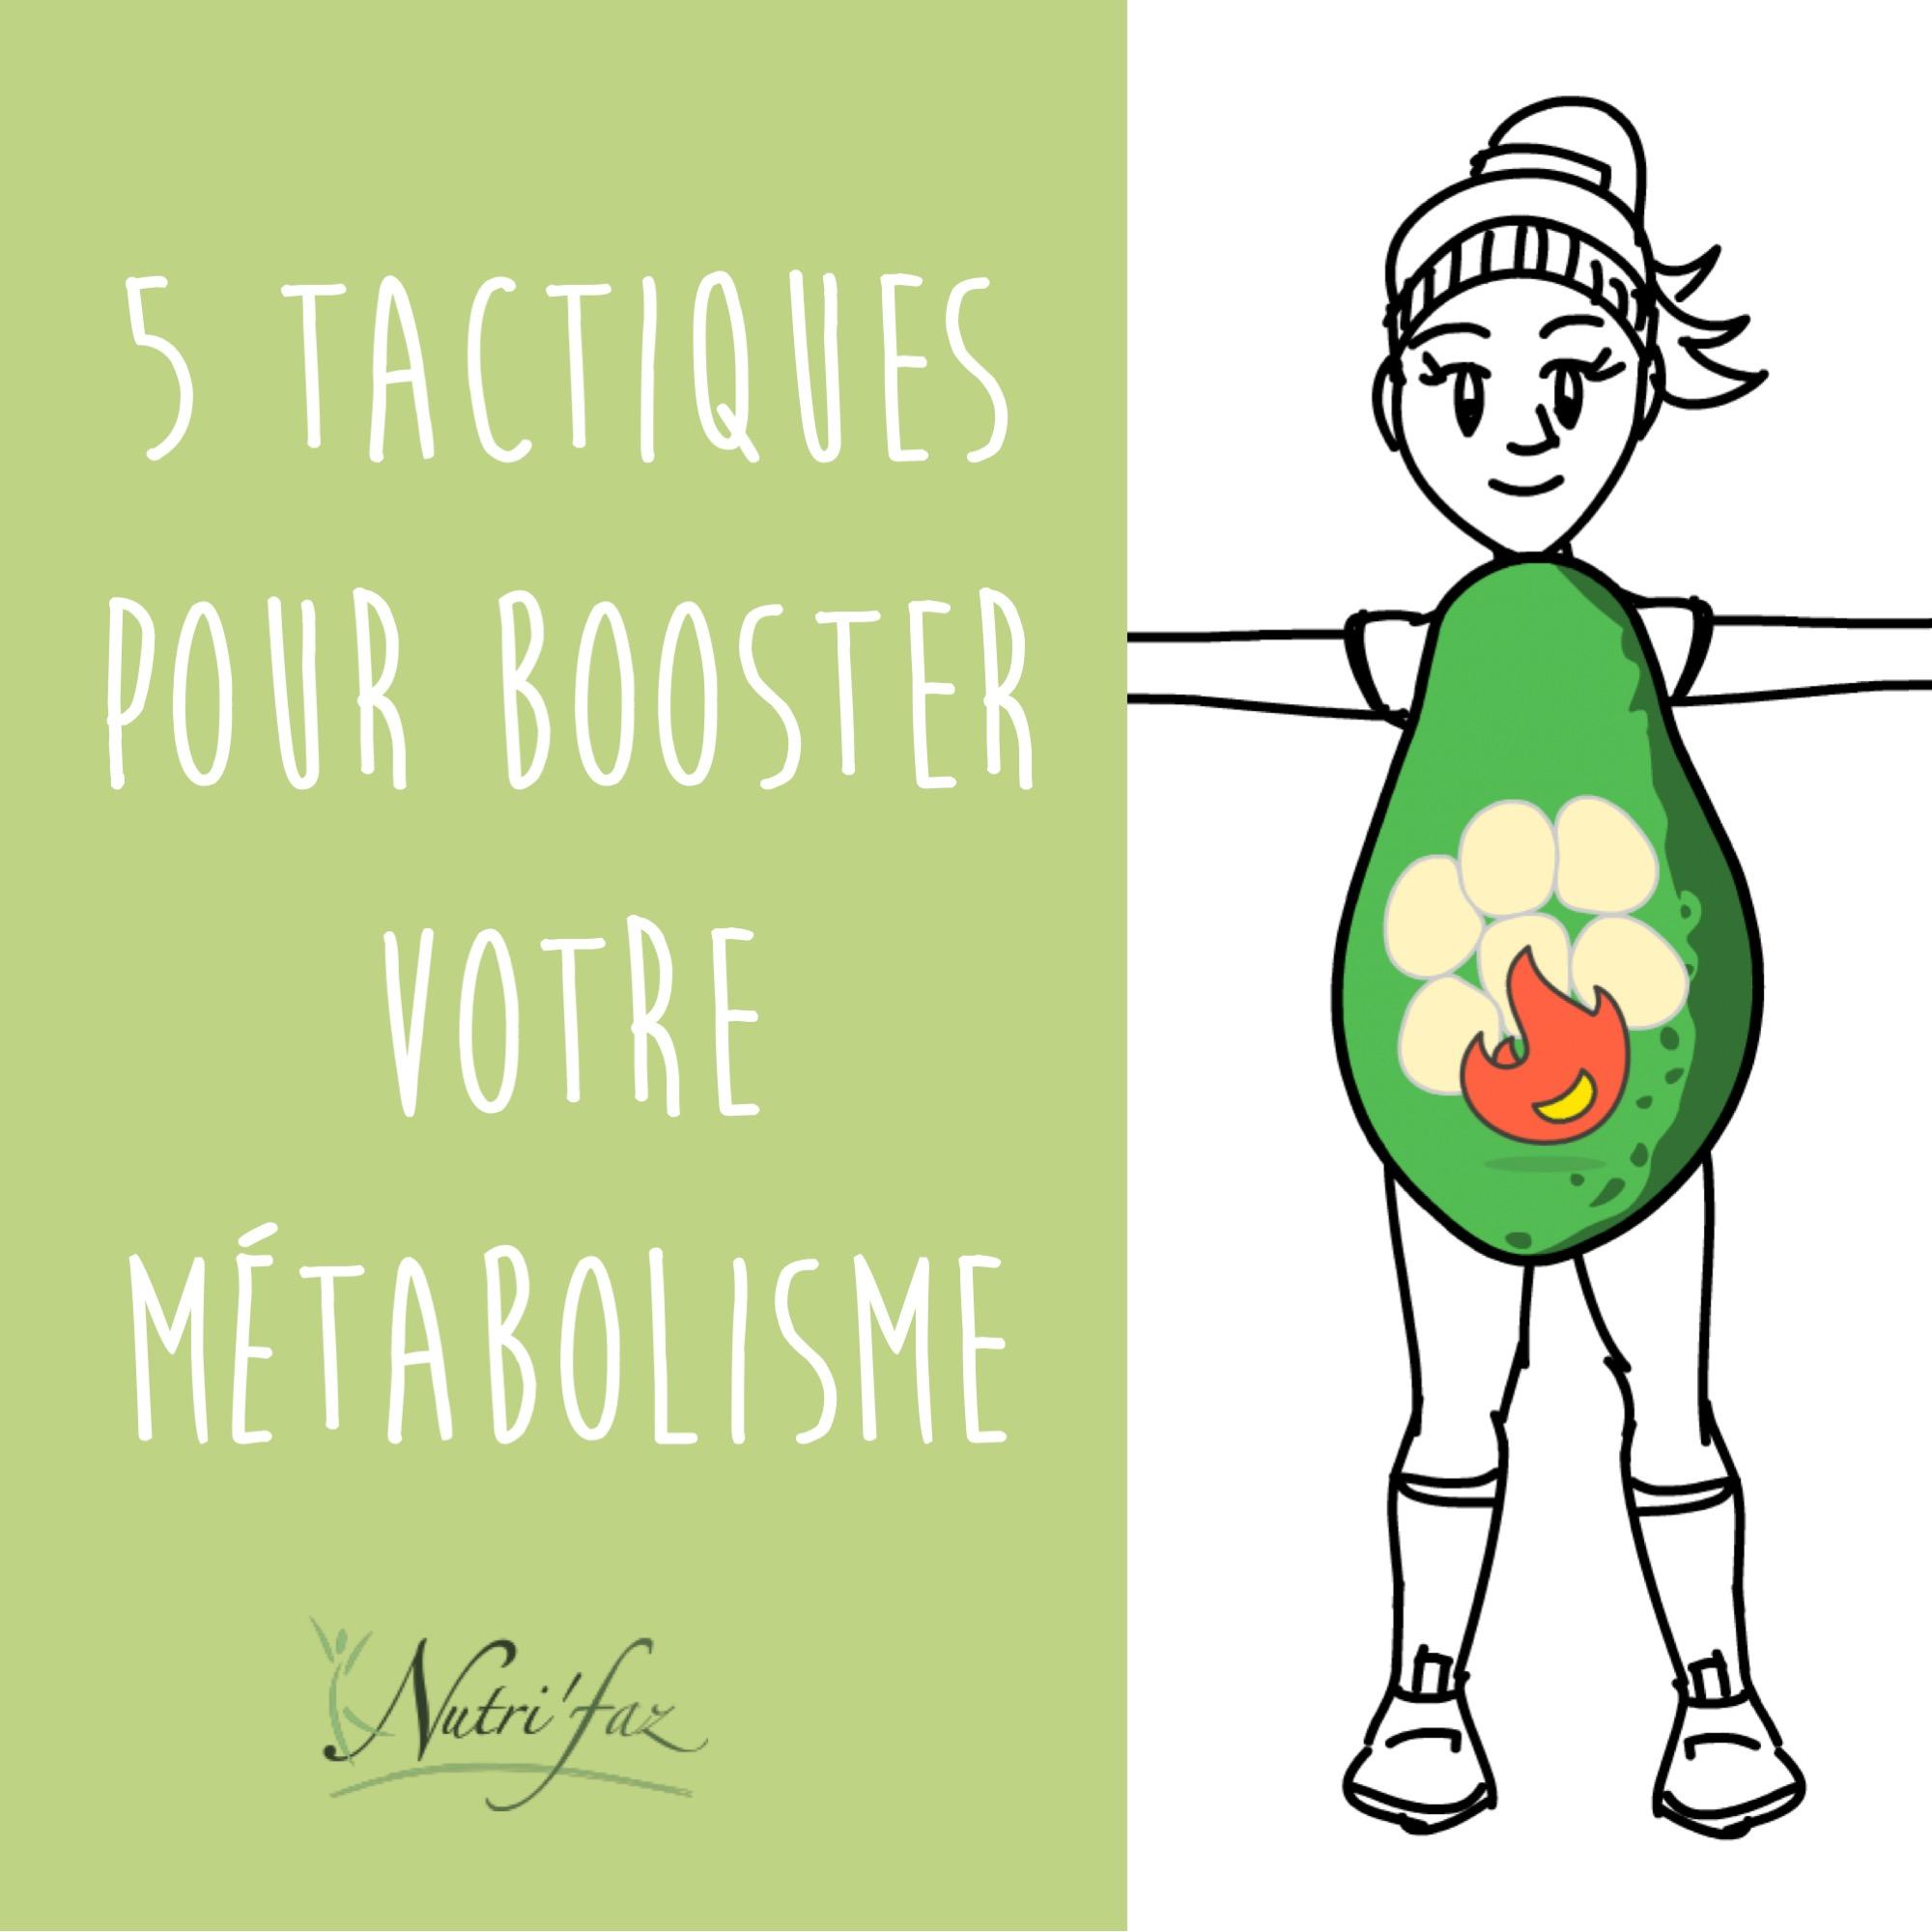 5 astuces pour booster son métabolisme